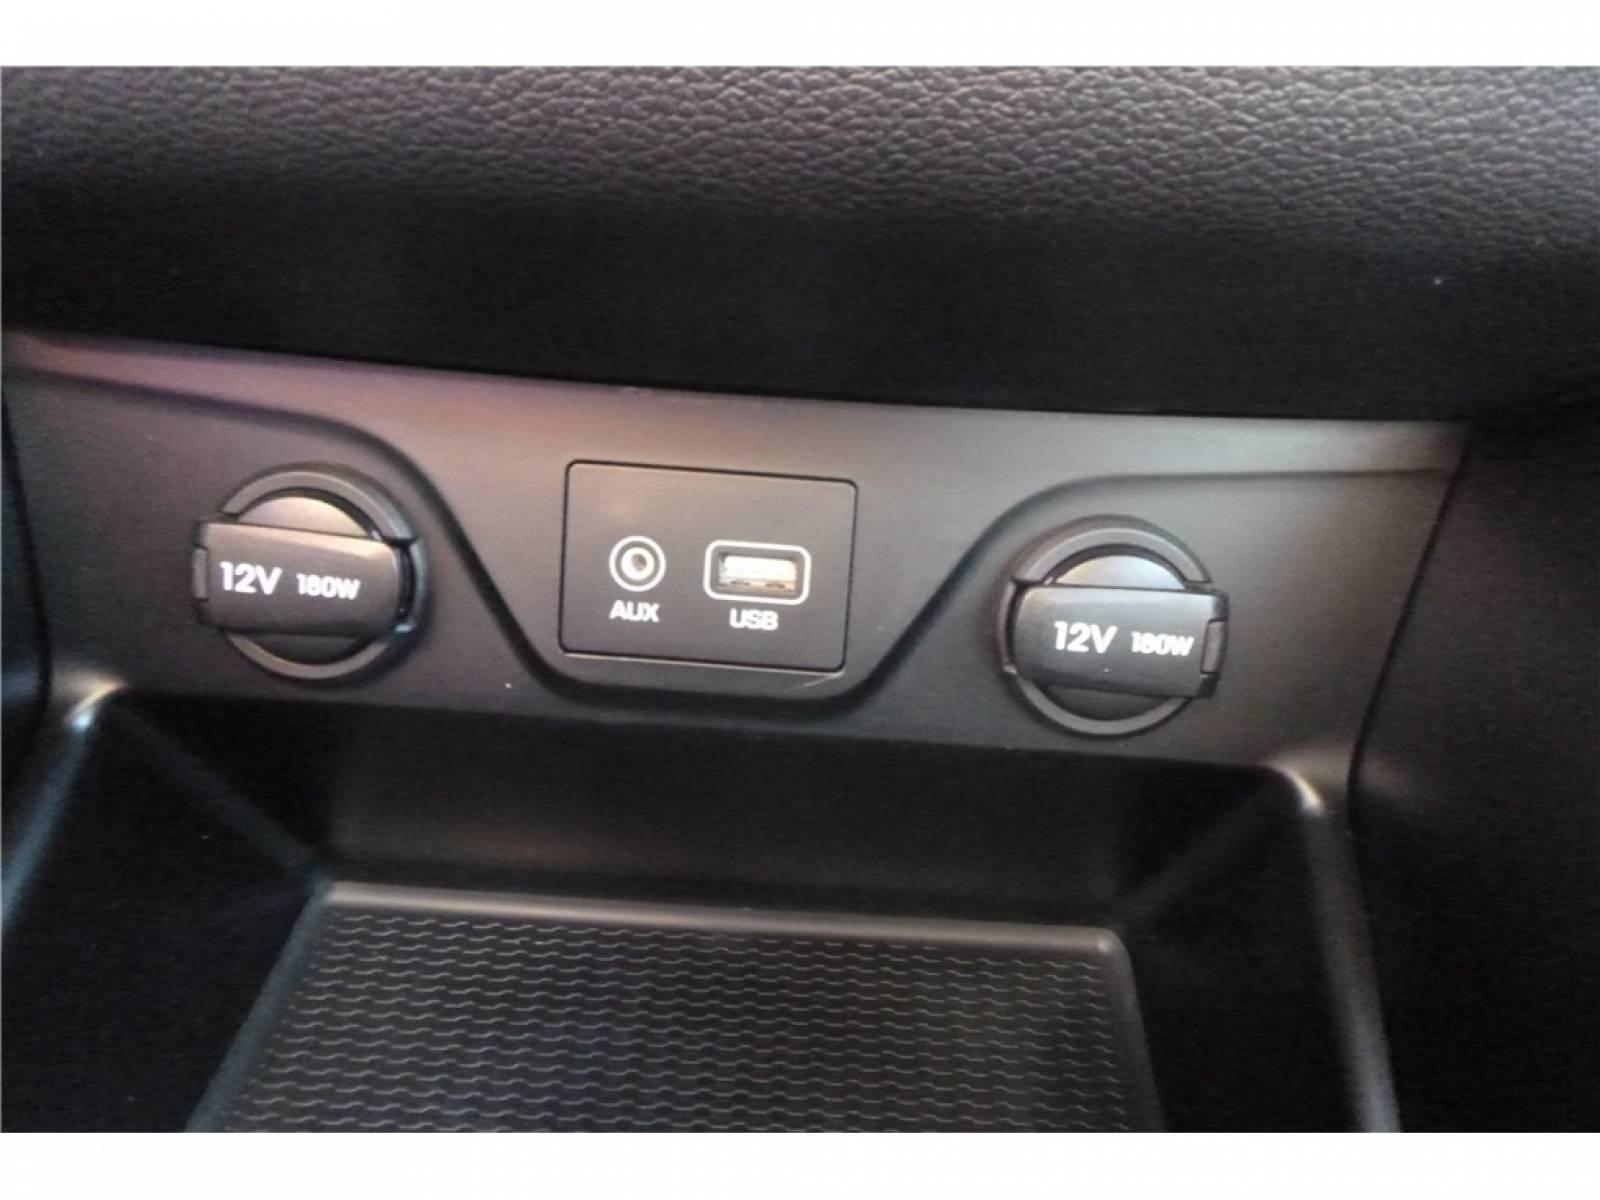 HYUNDAI Tucson 1.7 CRDi 141 2WD DCT-7 - véhicule d'occasion - Groupe Guillet - Chalon Automobiles - 71100 - Chalon-sur-Saône - 28